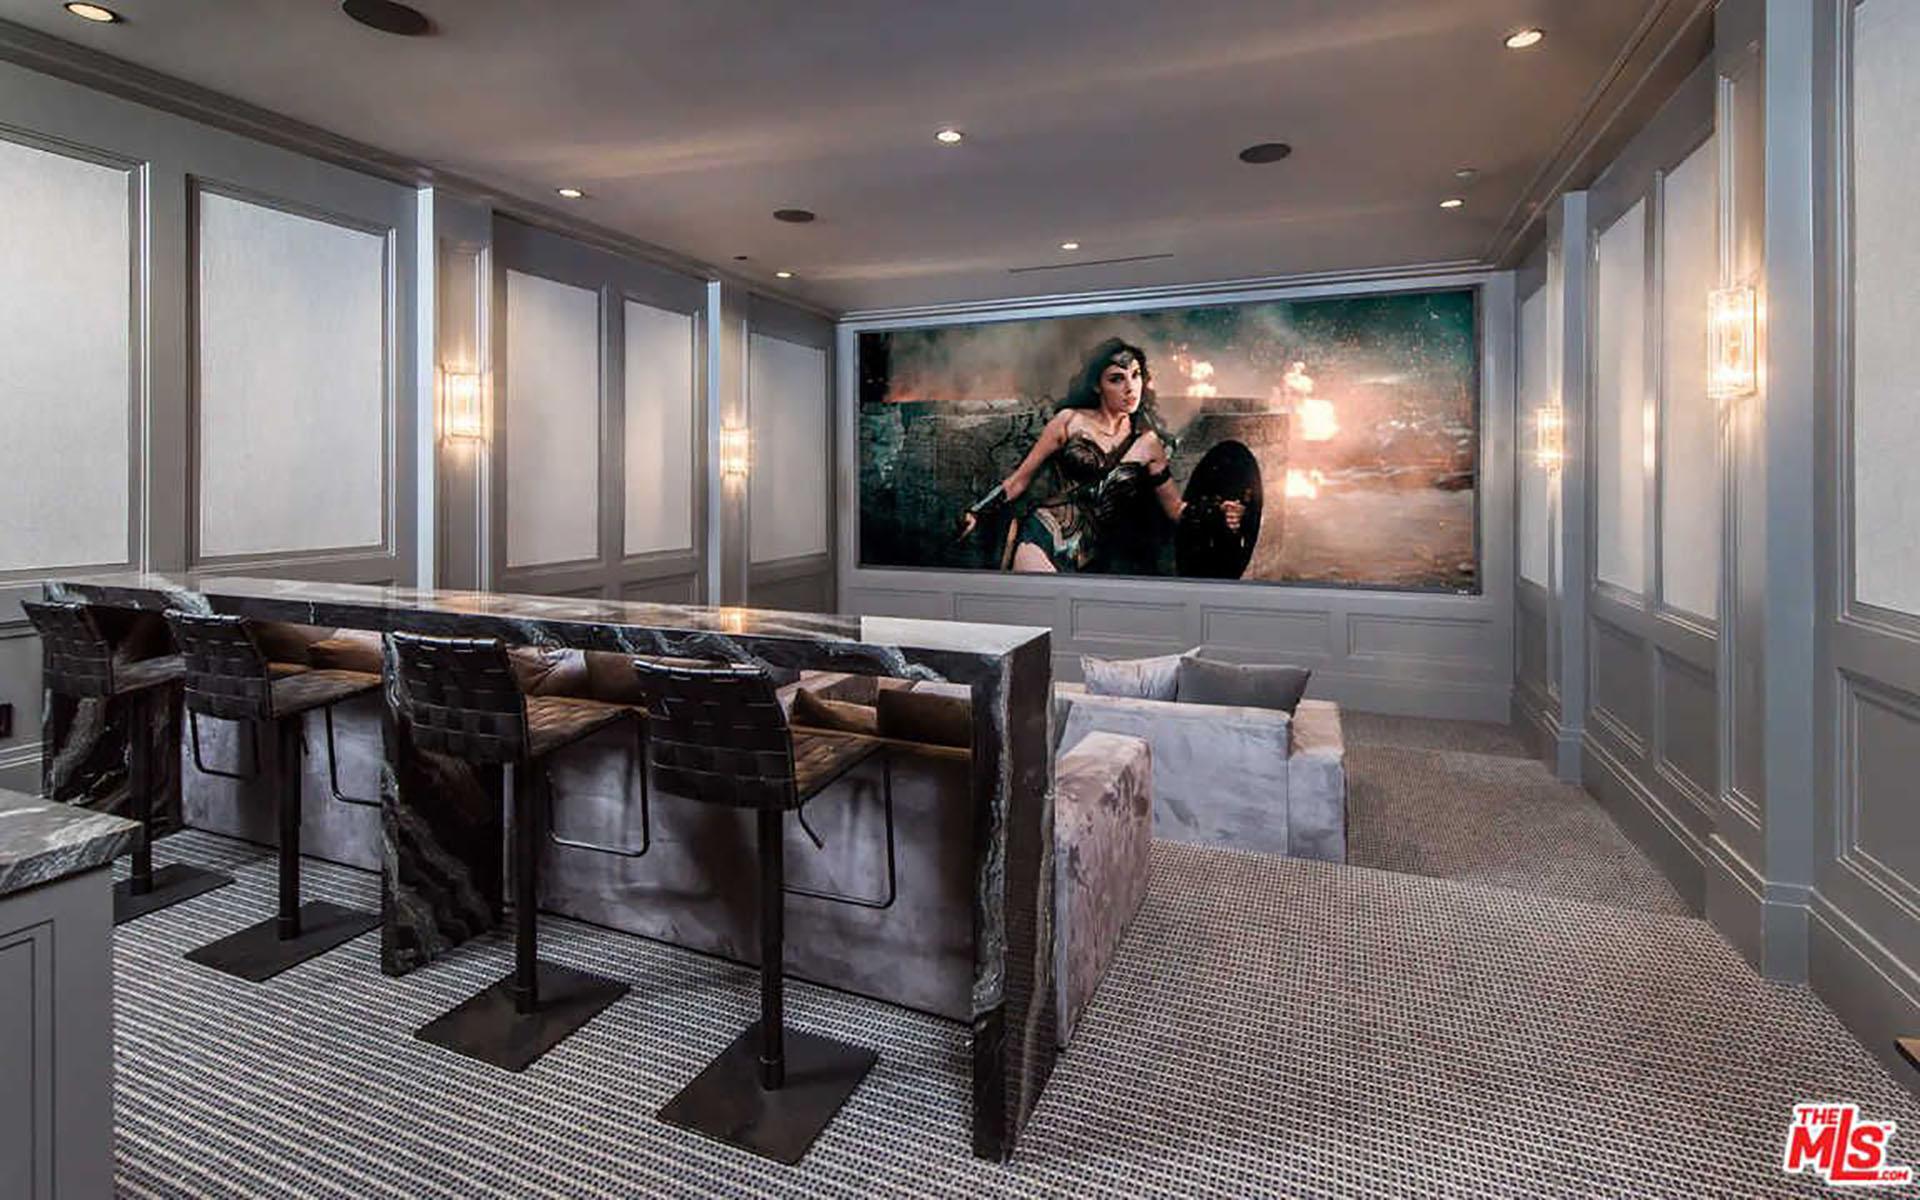 (MLS) Entre las excentricidades que se pueden encontrar, figura una sala de cine y una sala de puros con sistema de filtración de aire, además de un ascensor